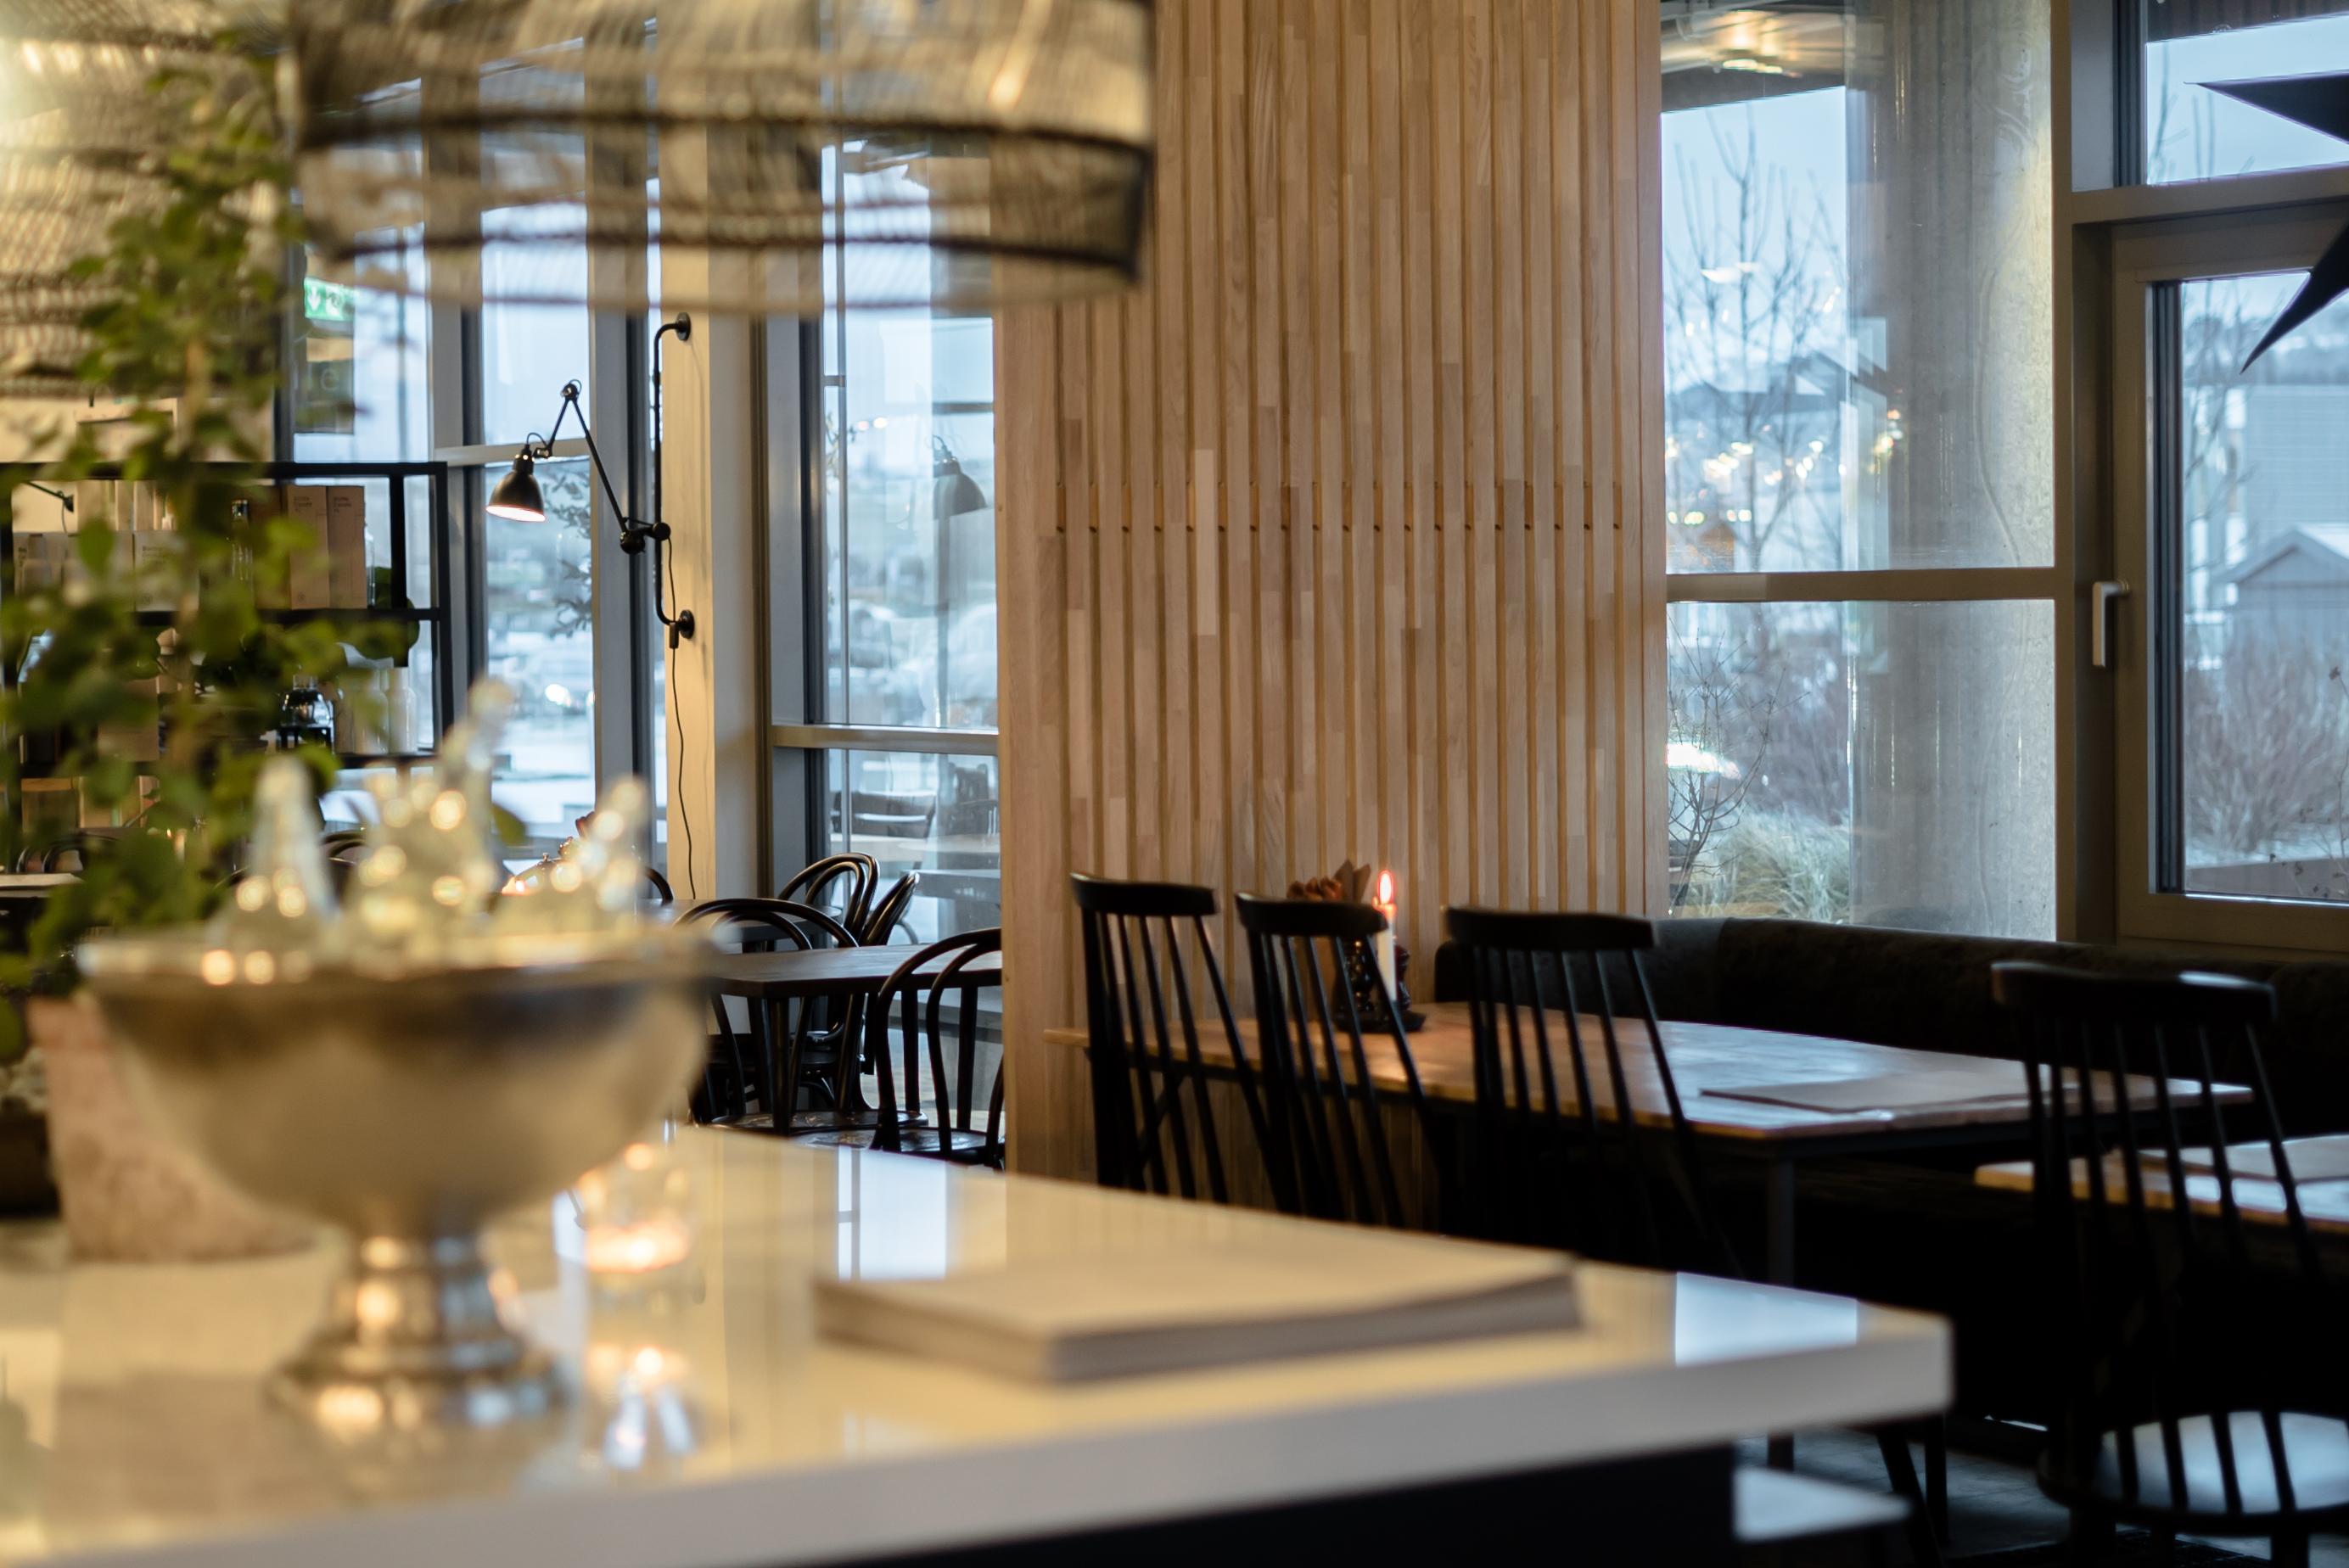 Calm frittstående spilevegg ferdig montert hos restaurant Famille i Levanger